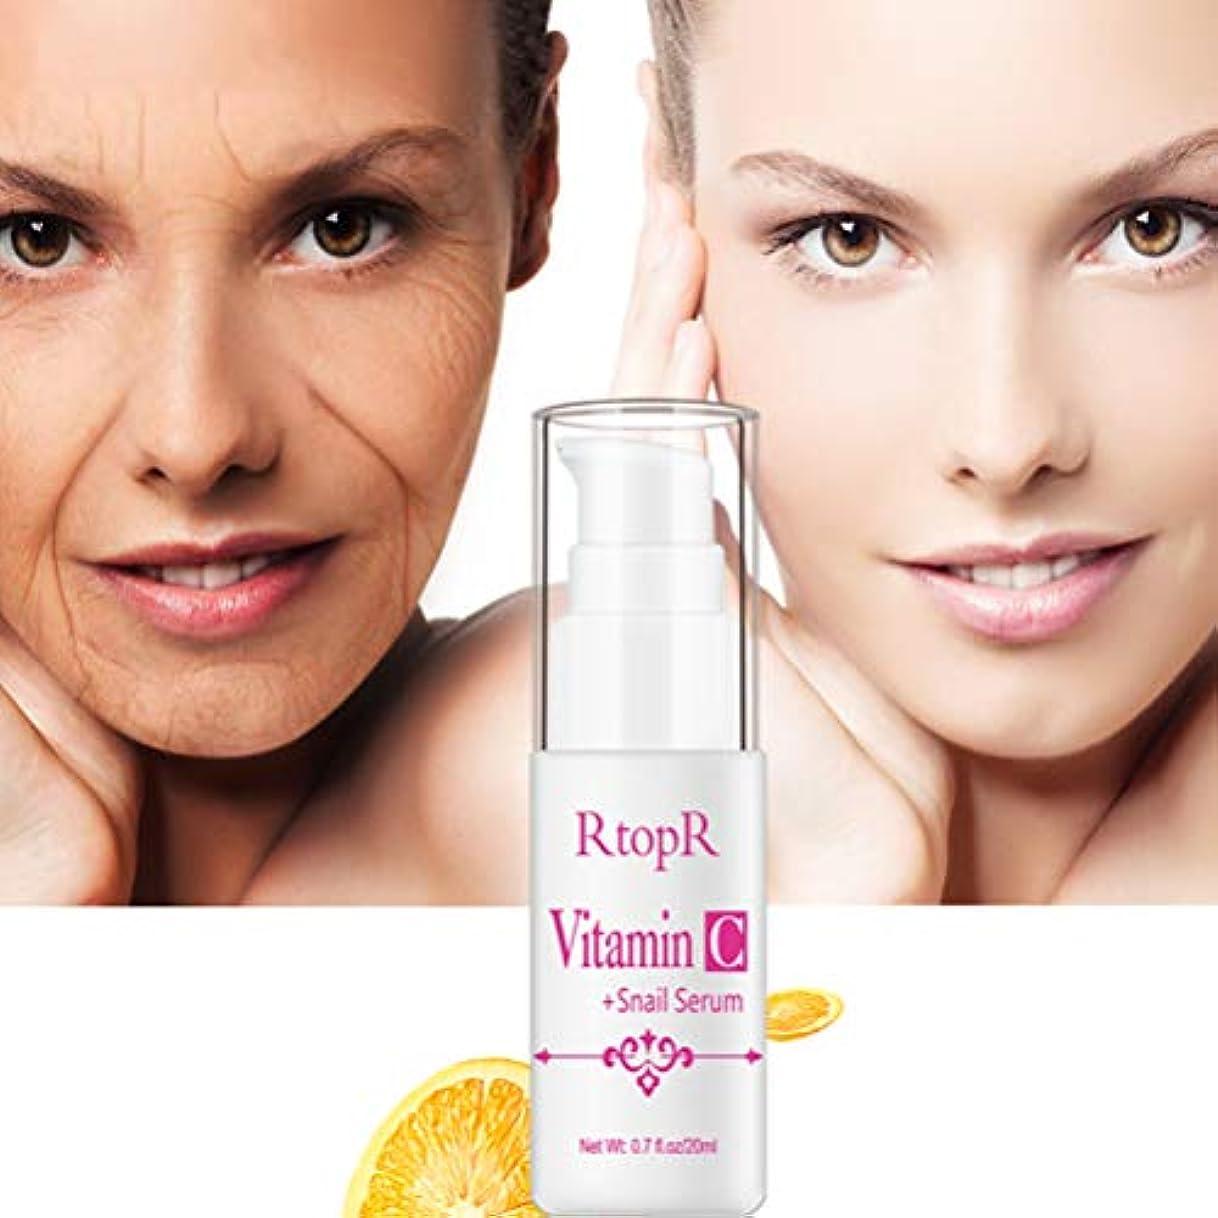 きゅうり郡バングBSMEAN 顔の血清、カタツムリクリーム抗しわ引き締め顔のにきび治療のための明るいビタミンC皮膚血清たるみを軽減し、スキンケアローションを締めます